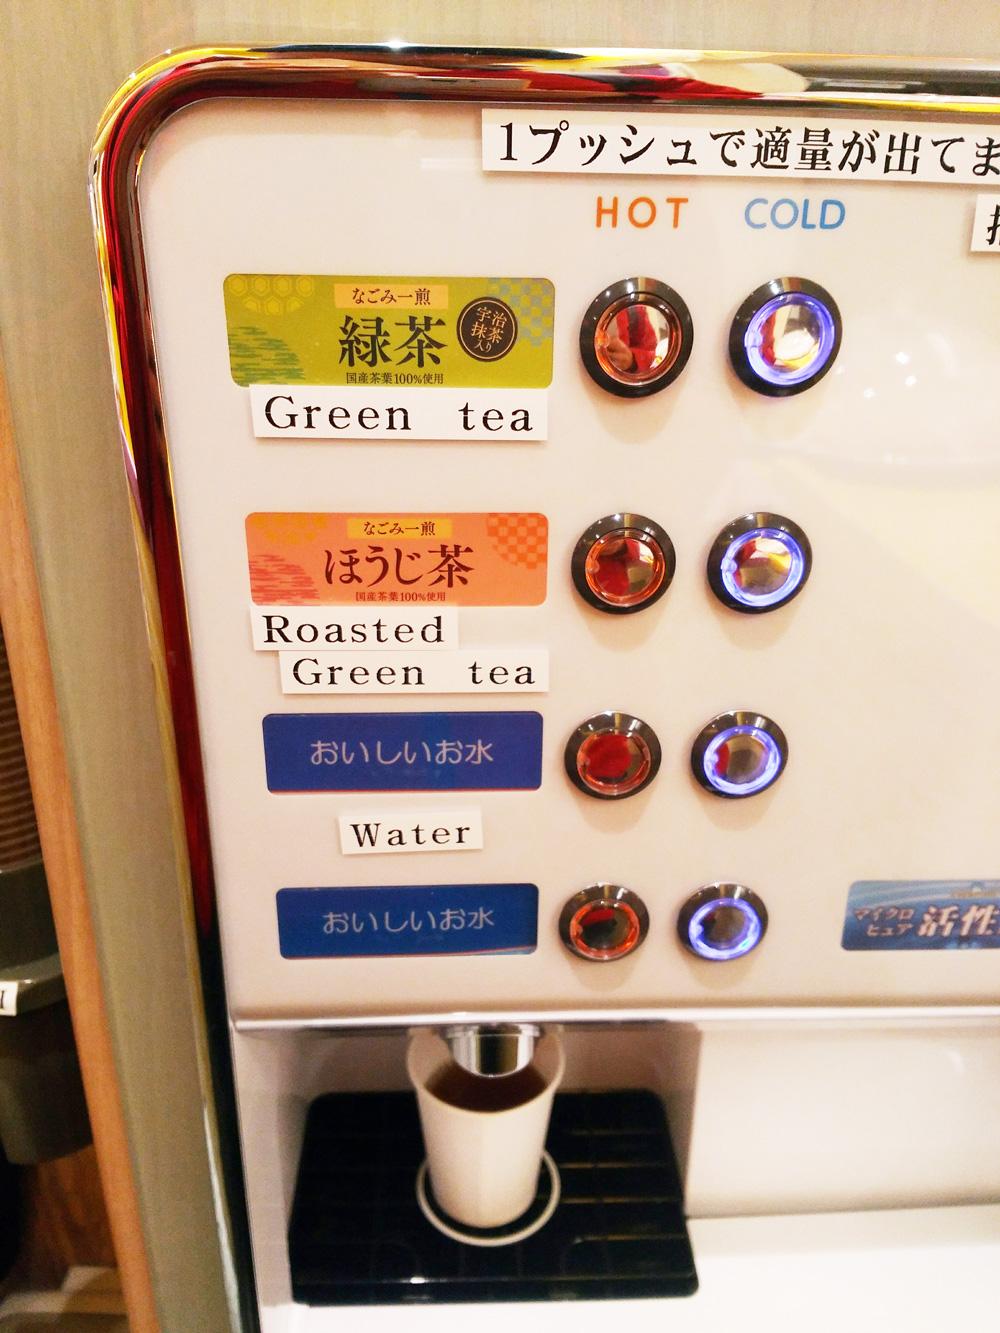 店内に置かれた給茶機